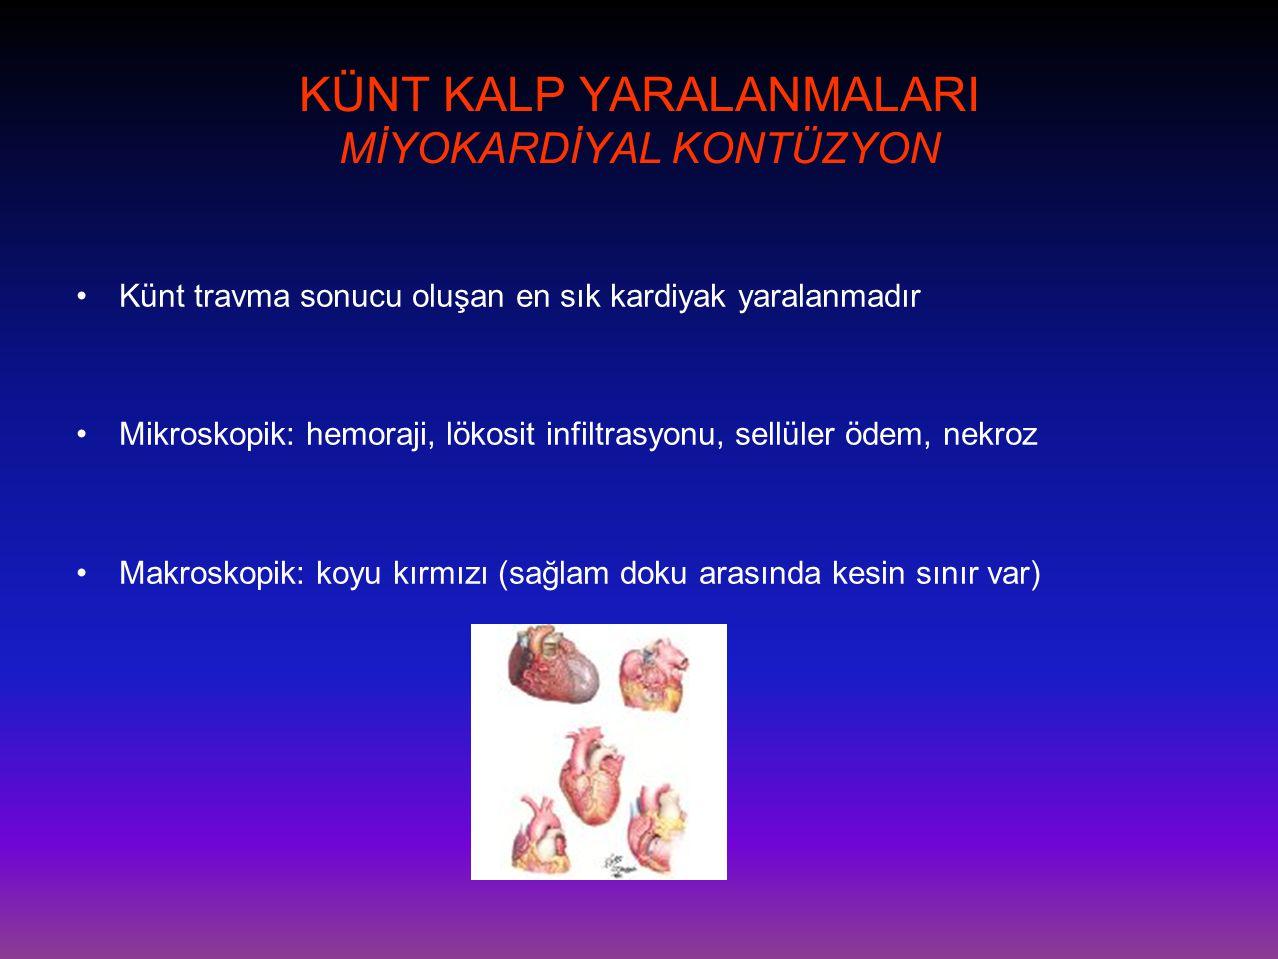 KÜNT KALP YARALANMALARI MİYOKARDİYAL KONTÜZYON •Künt travma sonucu oluşan en sık kardiyak yaralanmadır •Mikroskopik: hemoraji, lökosit infiltrasyonu,